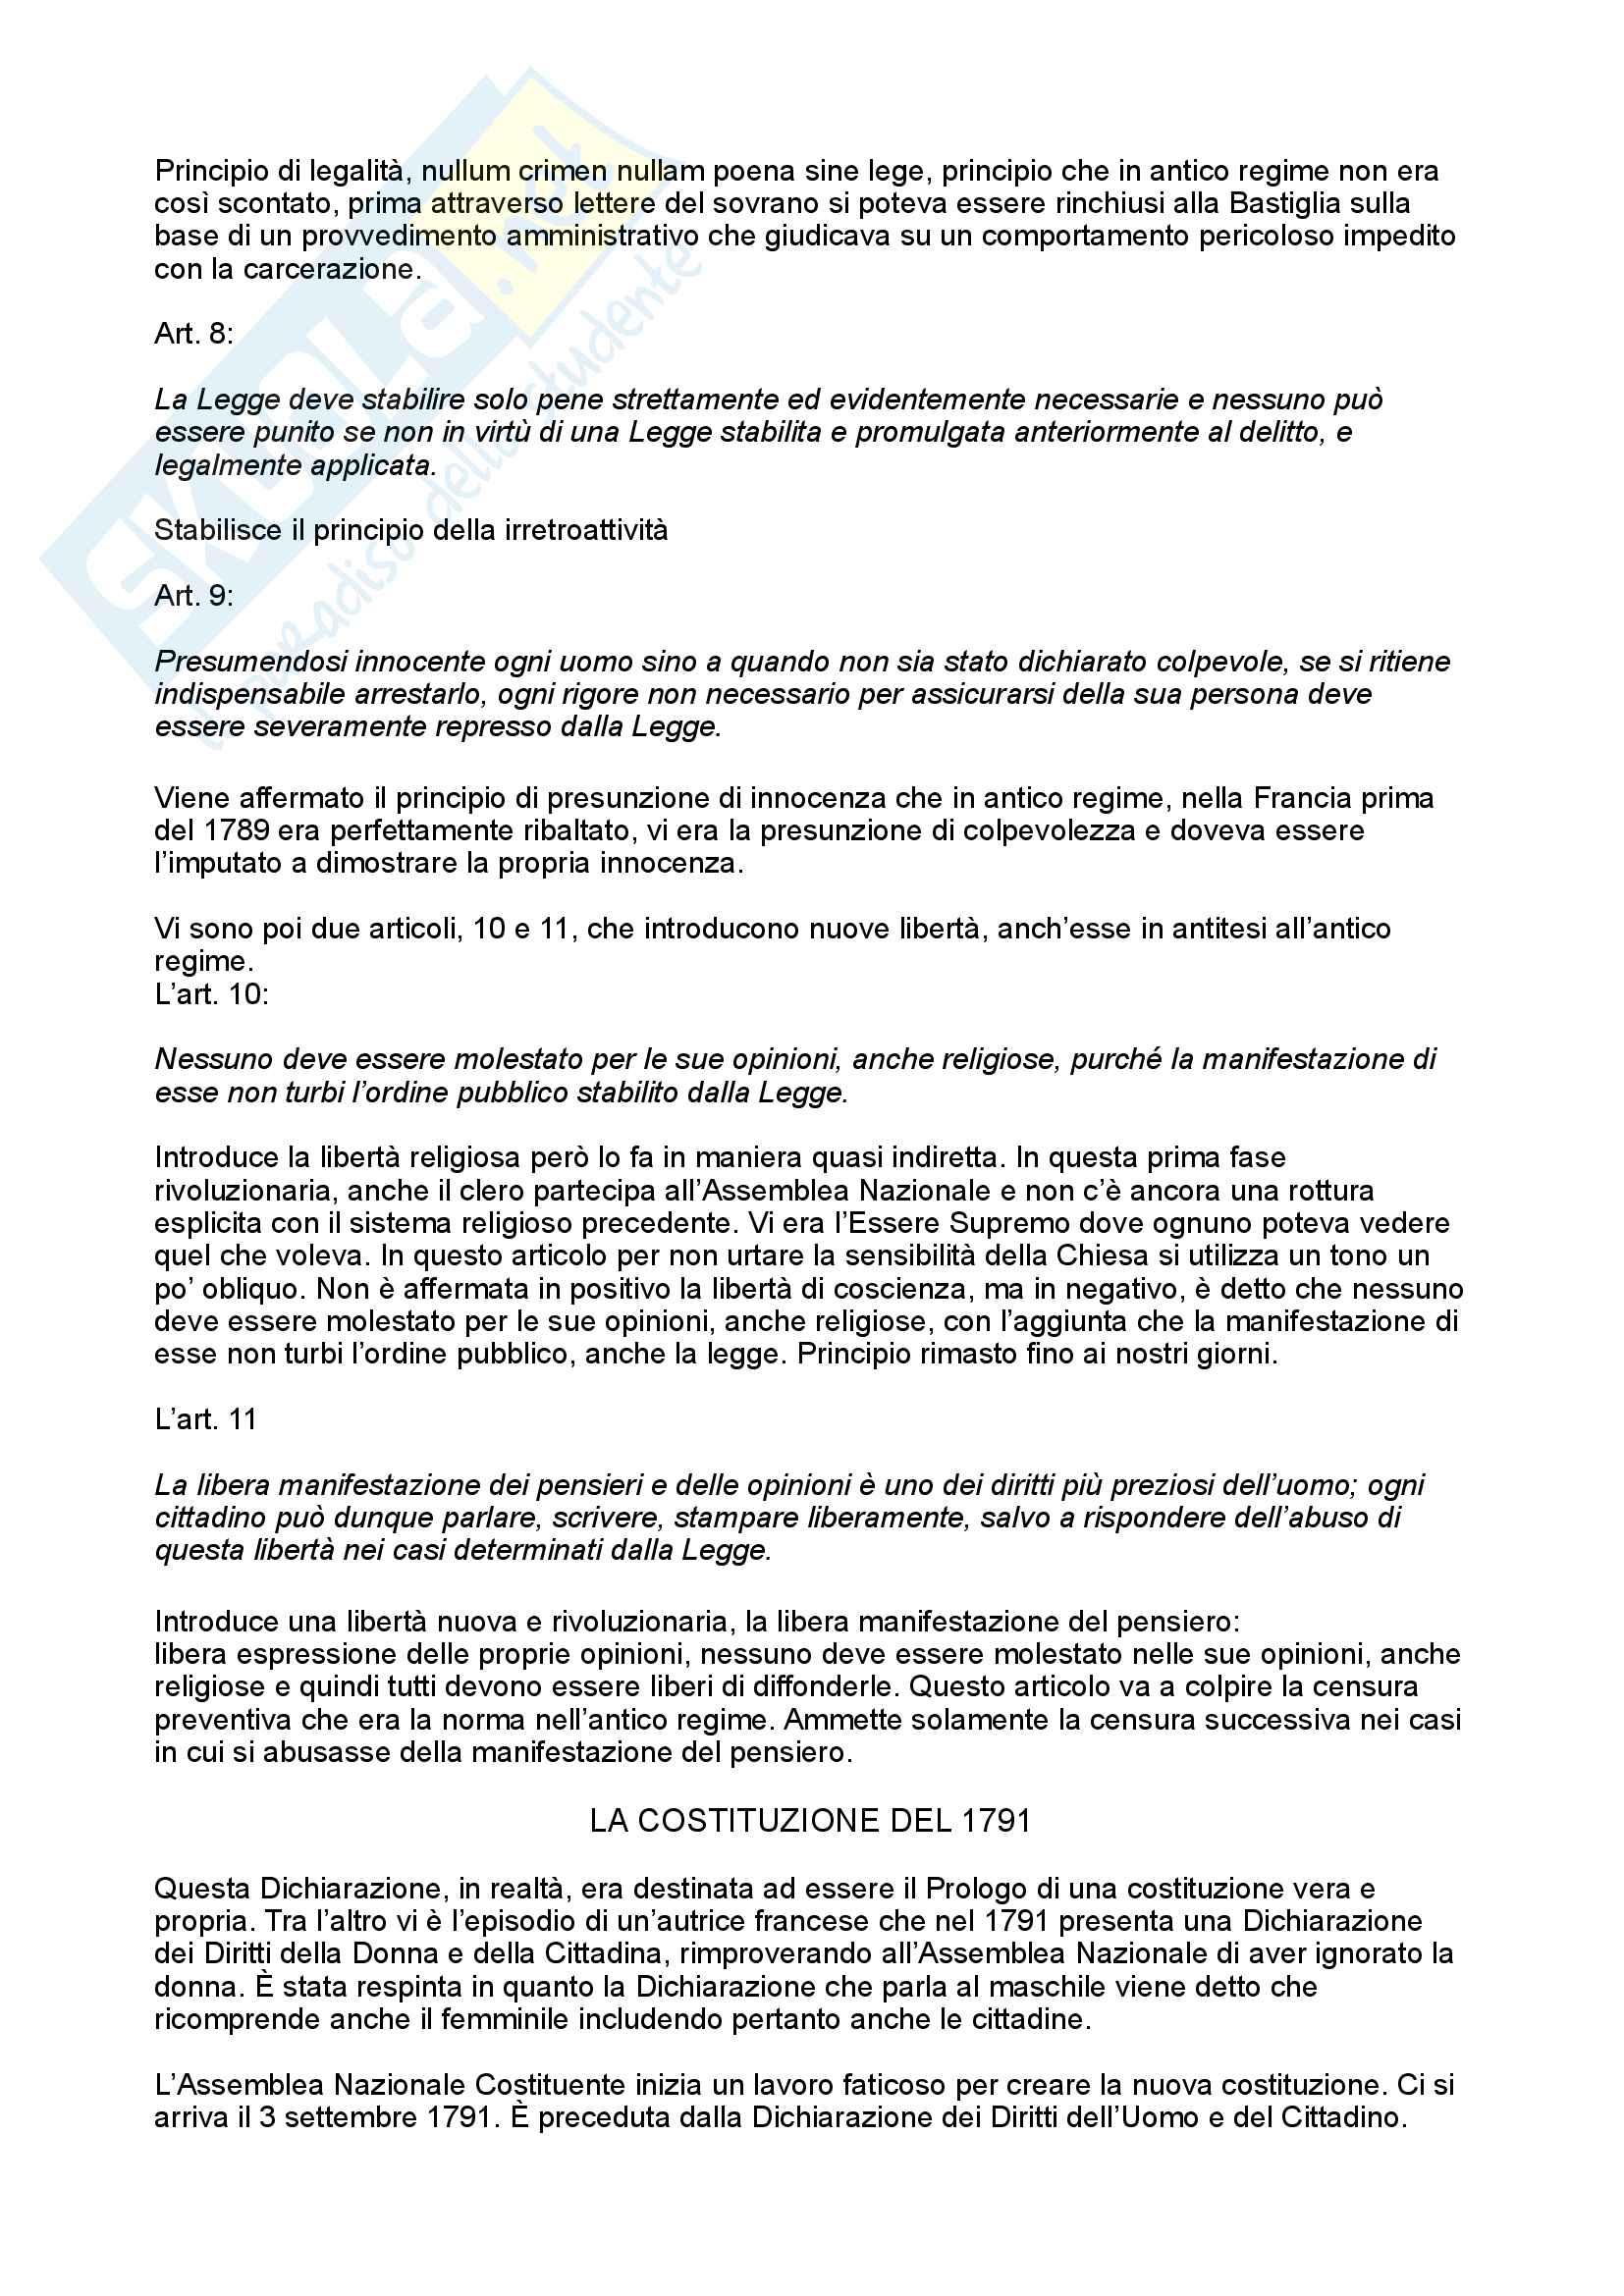 Storia delle costituzioni e codificazioni moderne Pag. 46